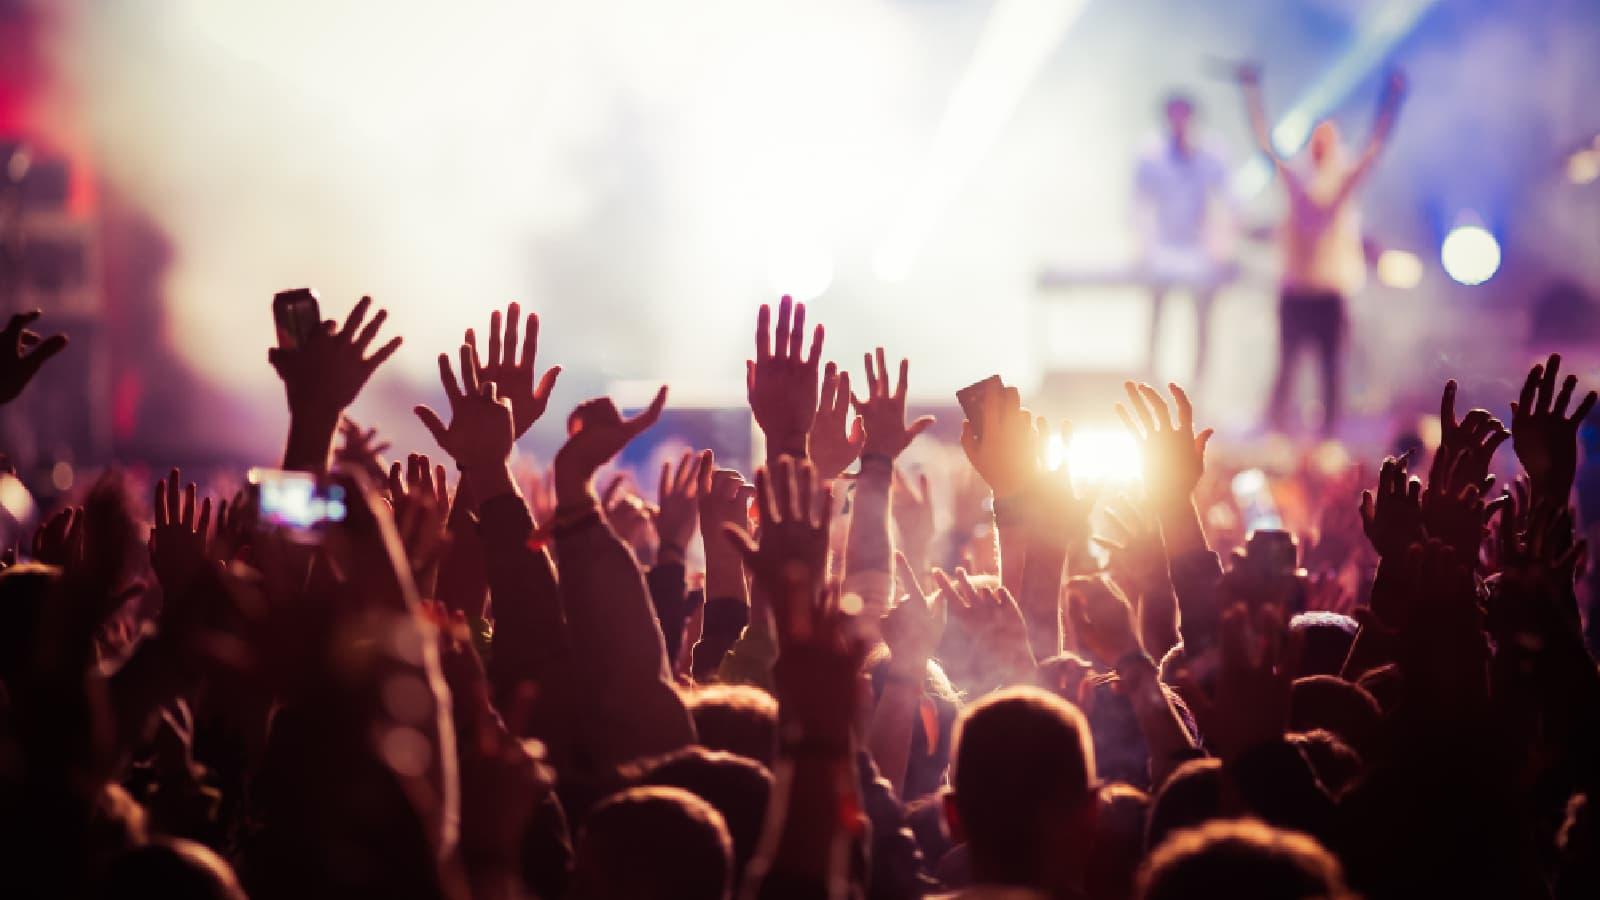 Vivez la musique à fond sur Deezer